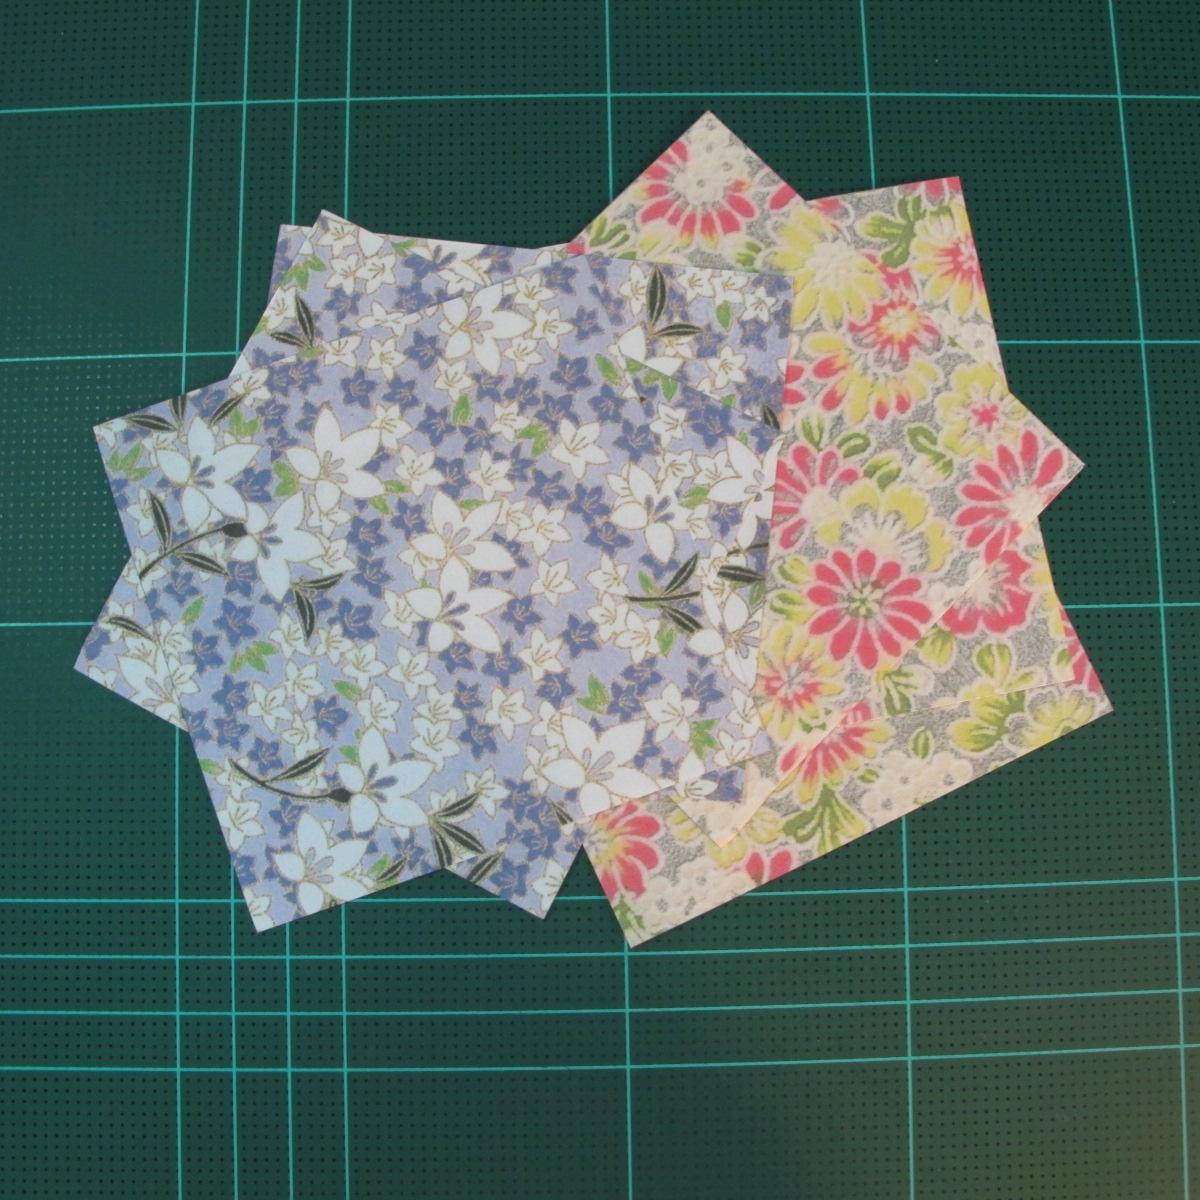 การพับกระดาษเป็นรูปเรขาคณิตทรงลูกบาศก์แบบแยกชิ้นประกอบ (Modular Origami Cube) 001